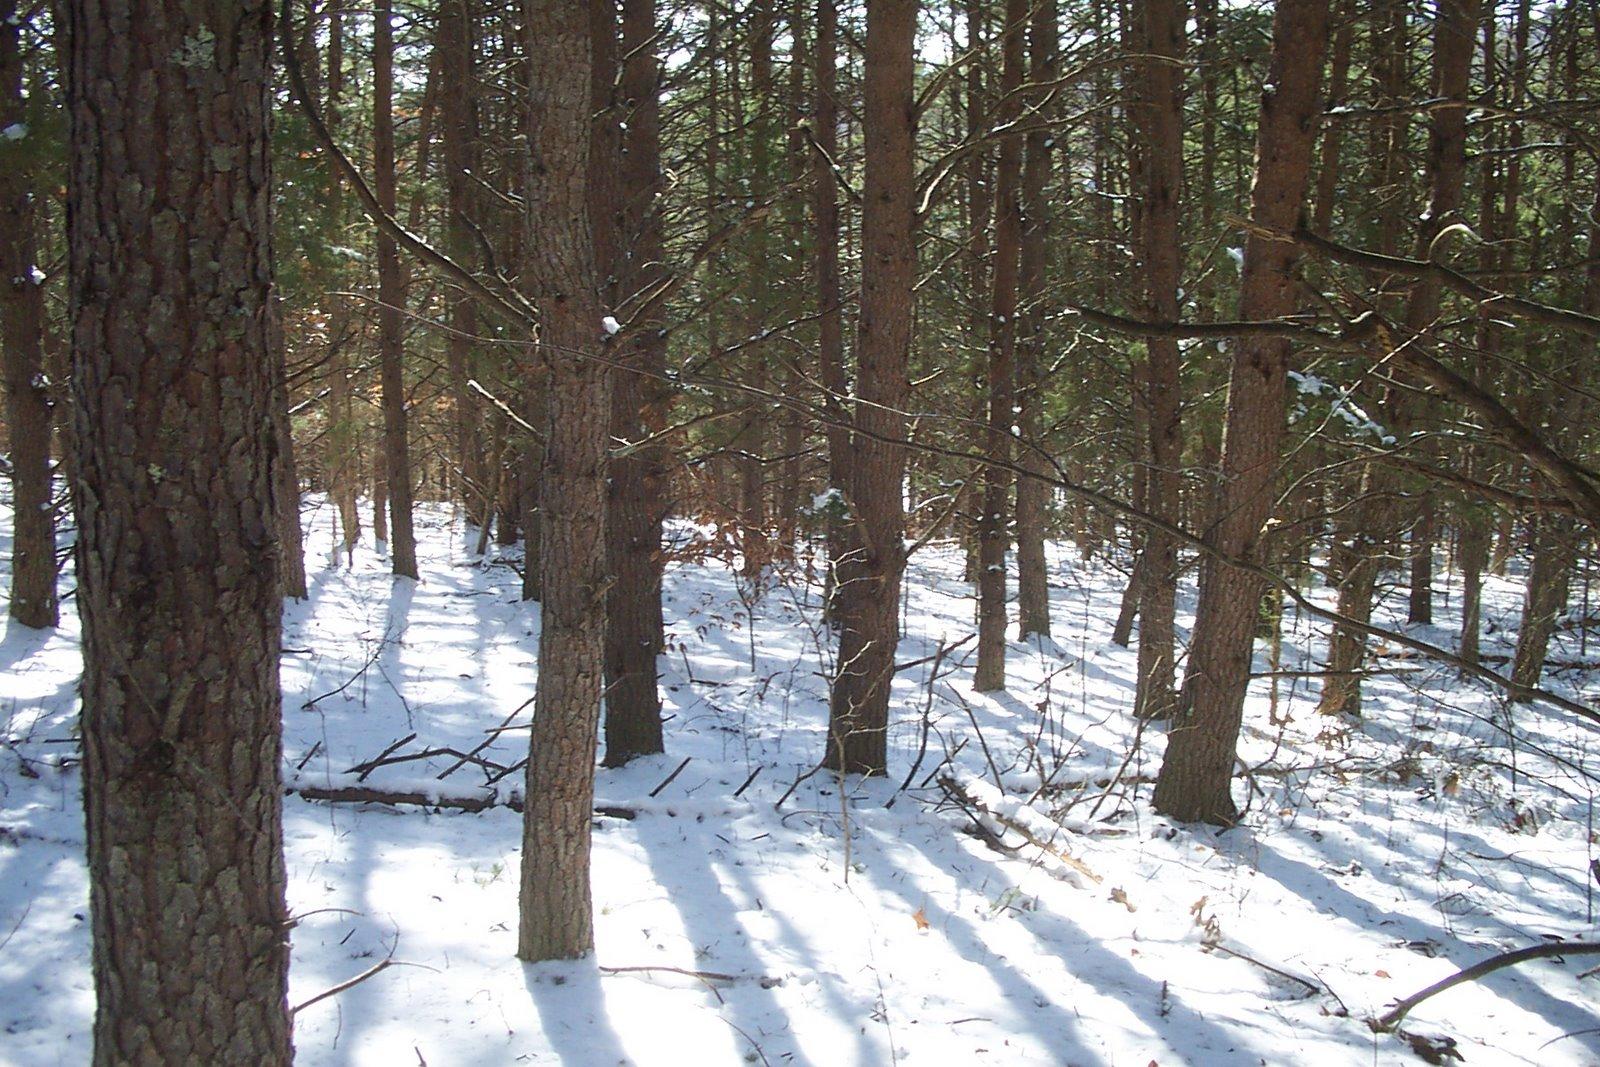 woodswalk 4 march 2009scalped 096.jpg